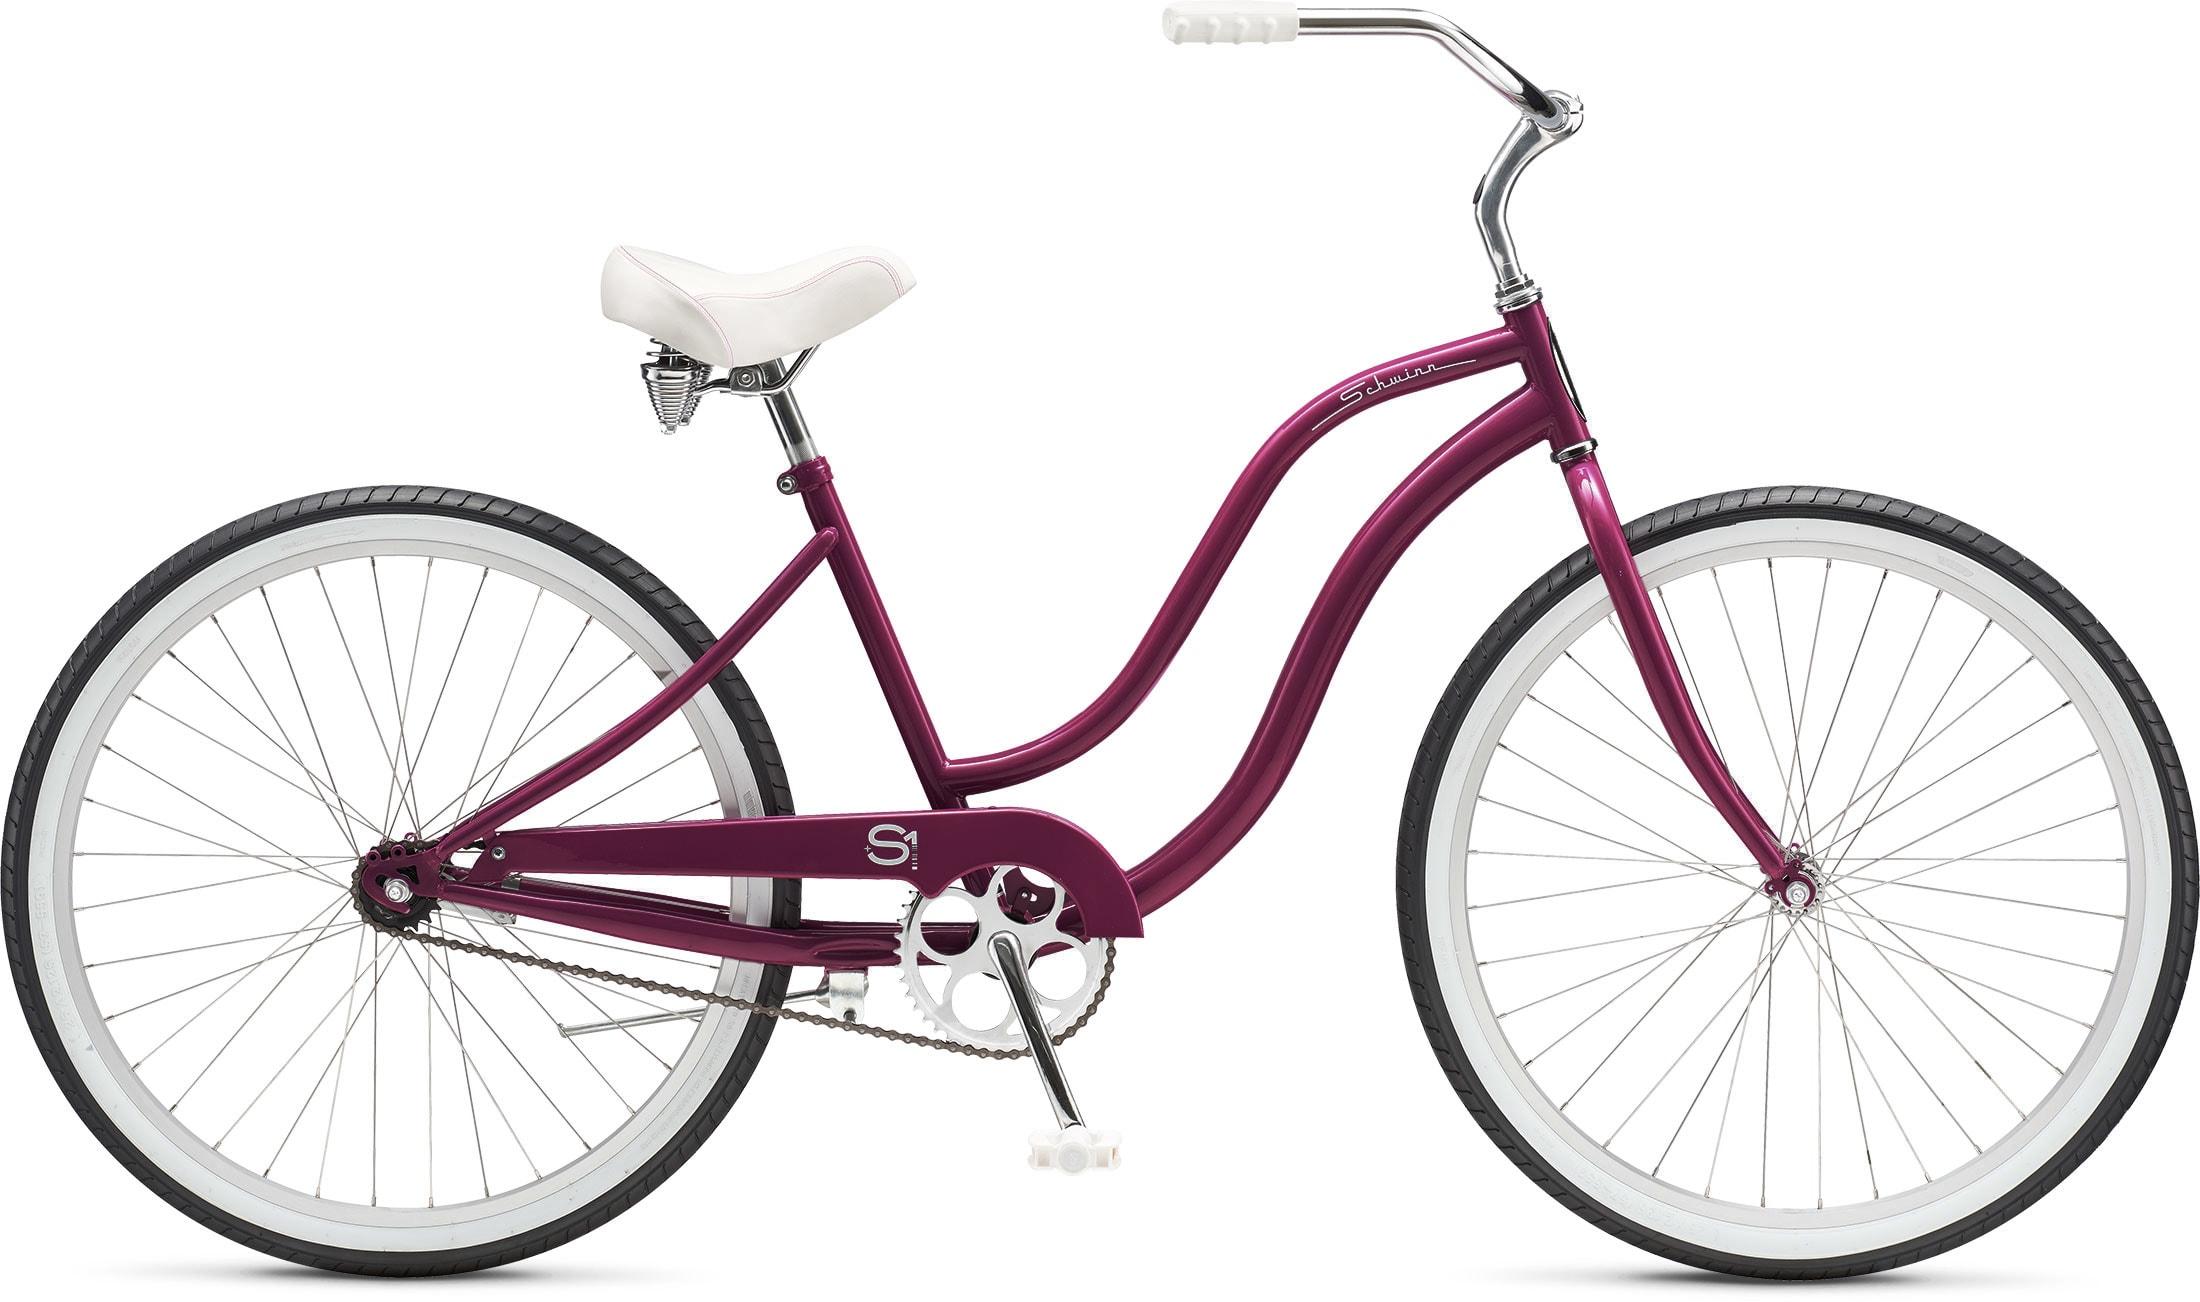 On Sale Schwinn S1 Bike Womens Up To 40 Off